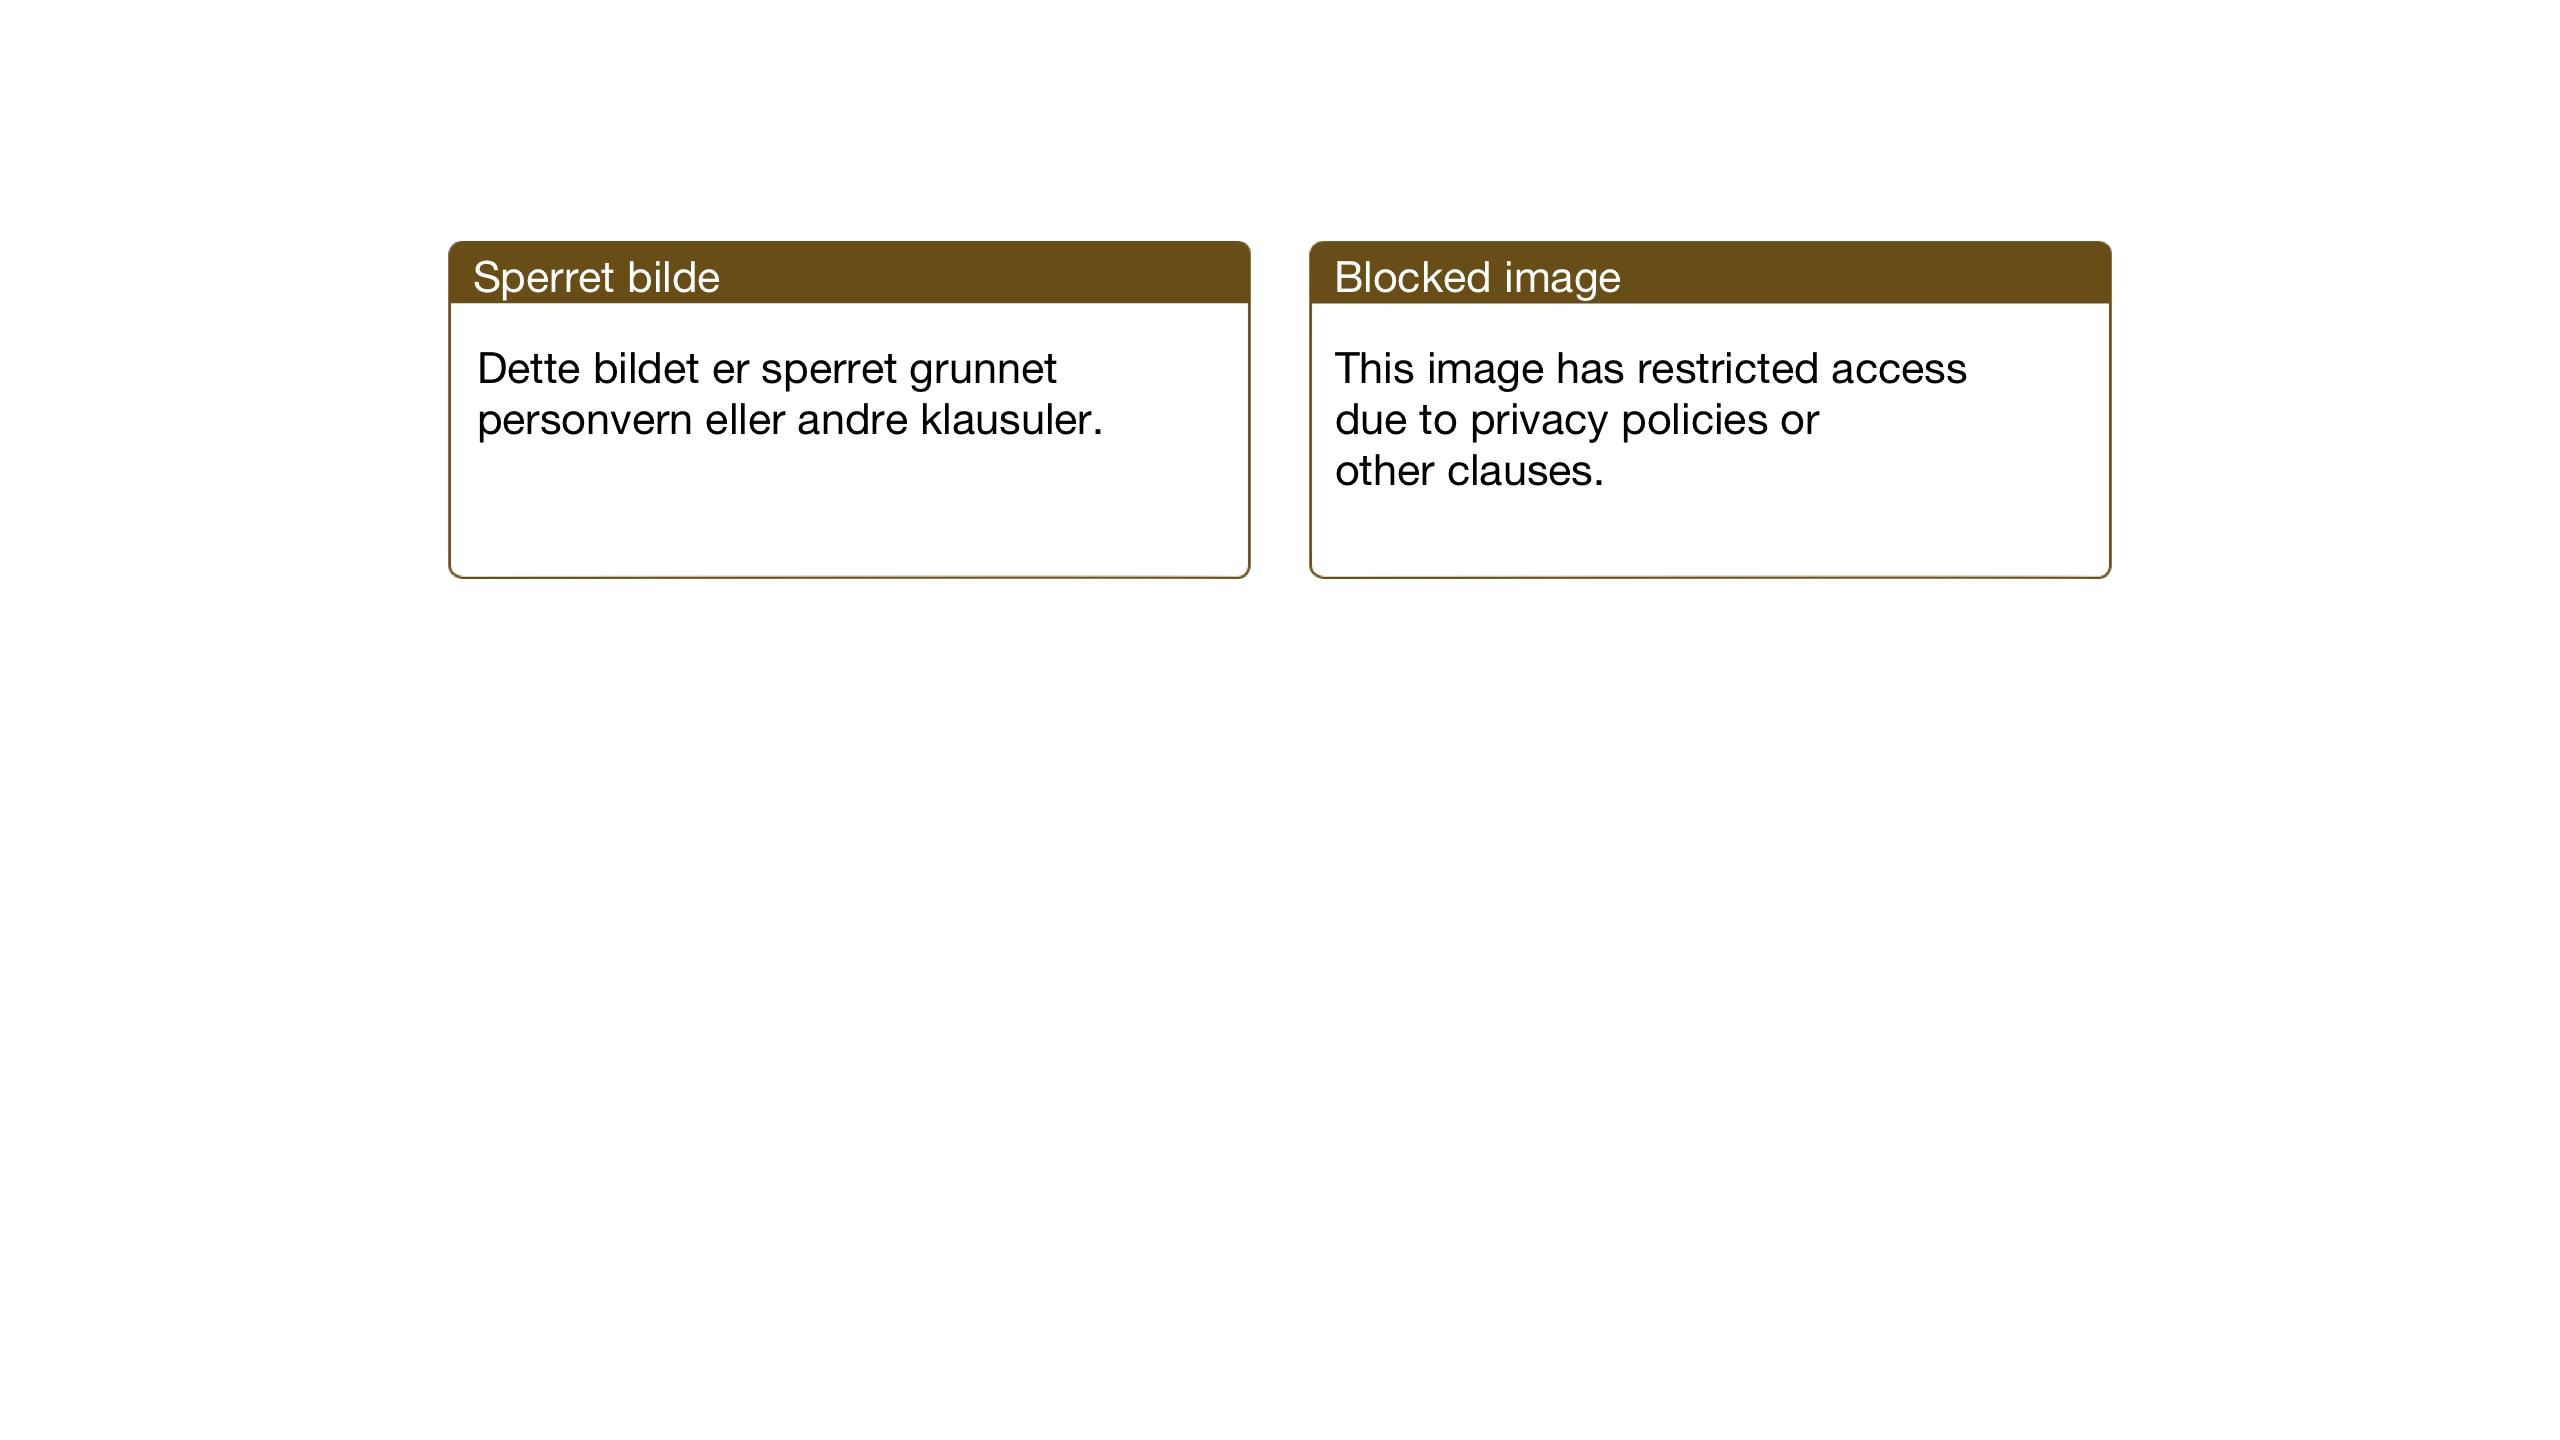 SAT, Ministerialprotokoller, klokkerbøker og fødselsregistre - Sør-Trøndelag, 630/L0508: Klokkerbok nr. 630C06, 1933-1950, s. 145